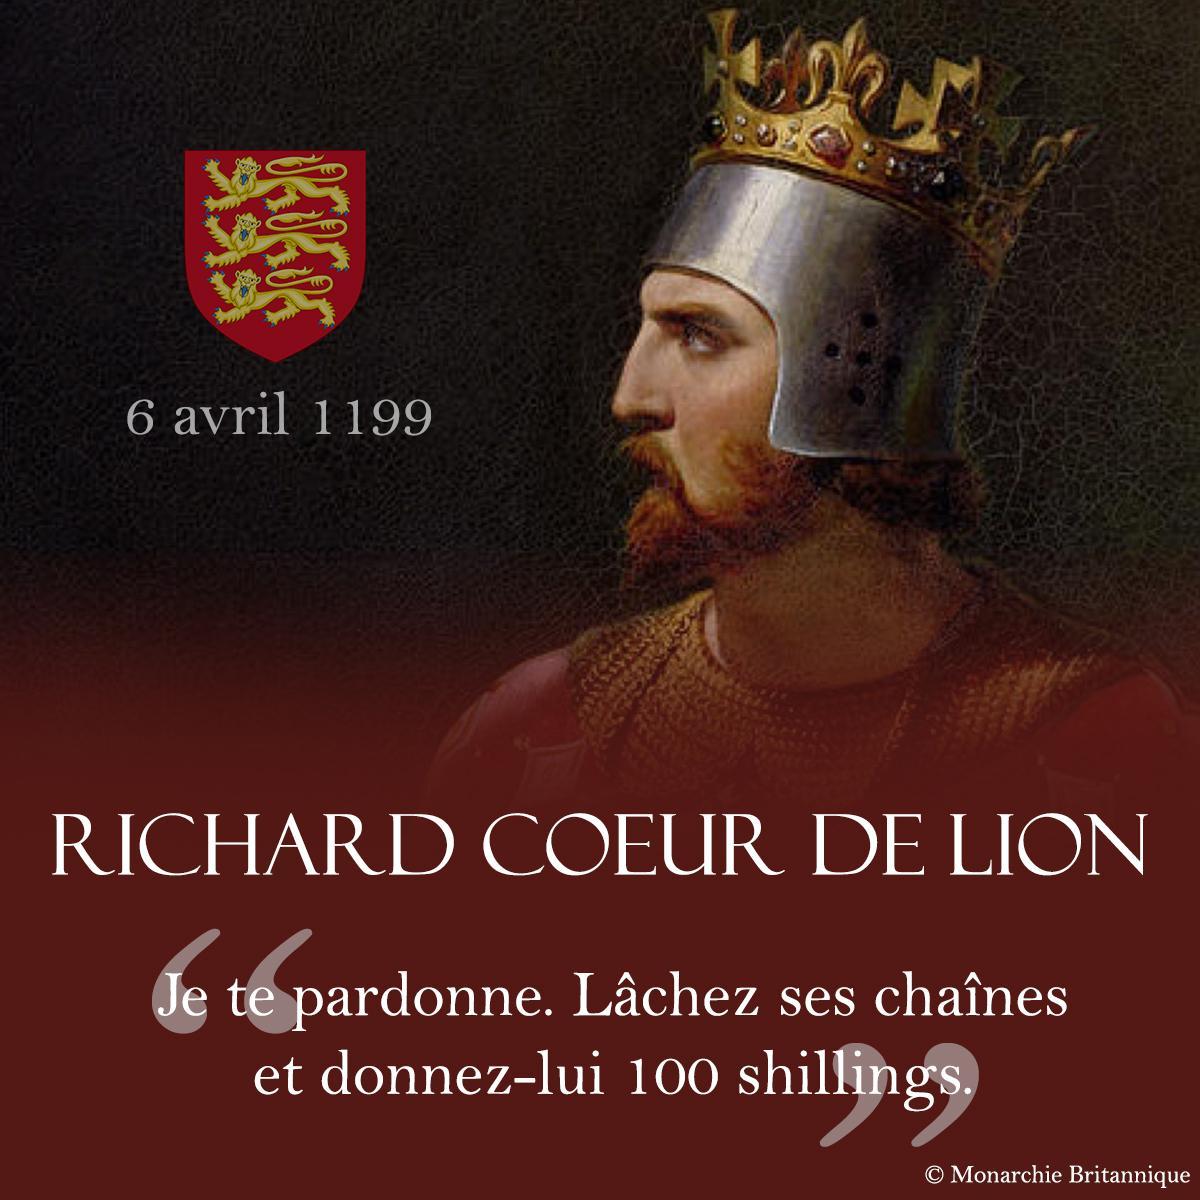 Richard coeur de lion 1